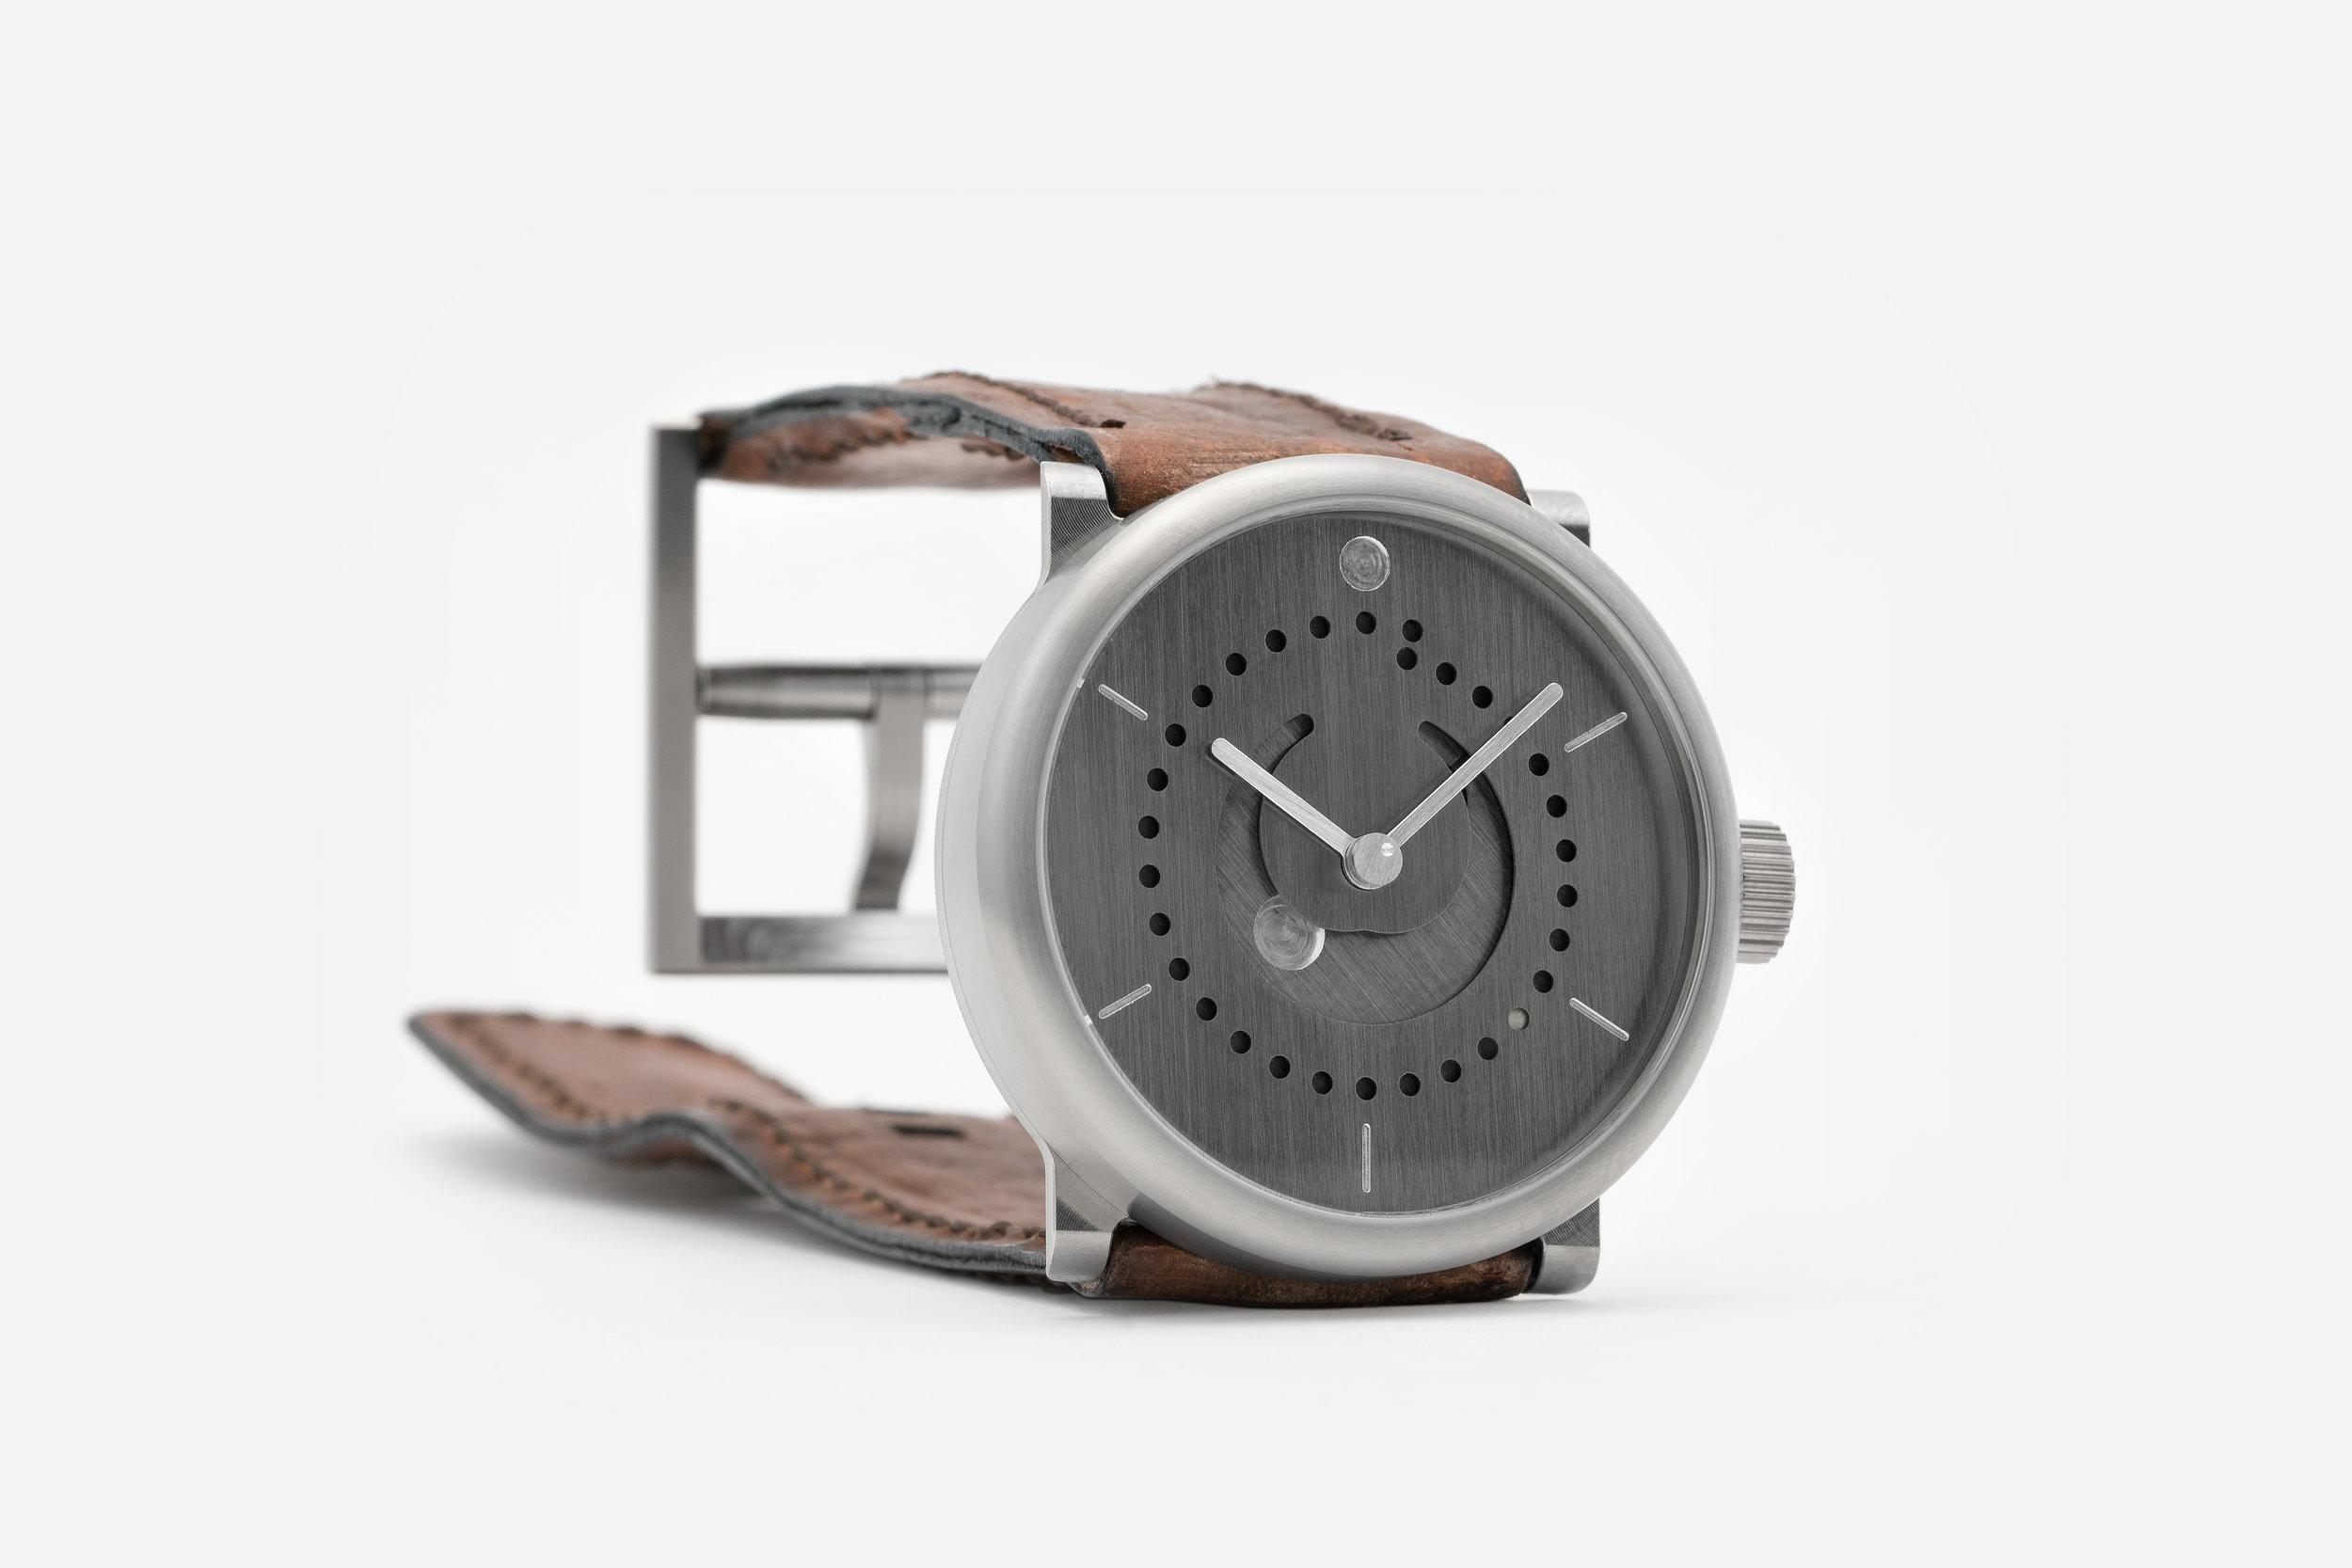 moon-phase-watch-german-silver-39mm-ochs-und-junior-24-Feb-2017-0798_RGB.jpg